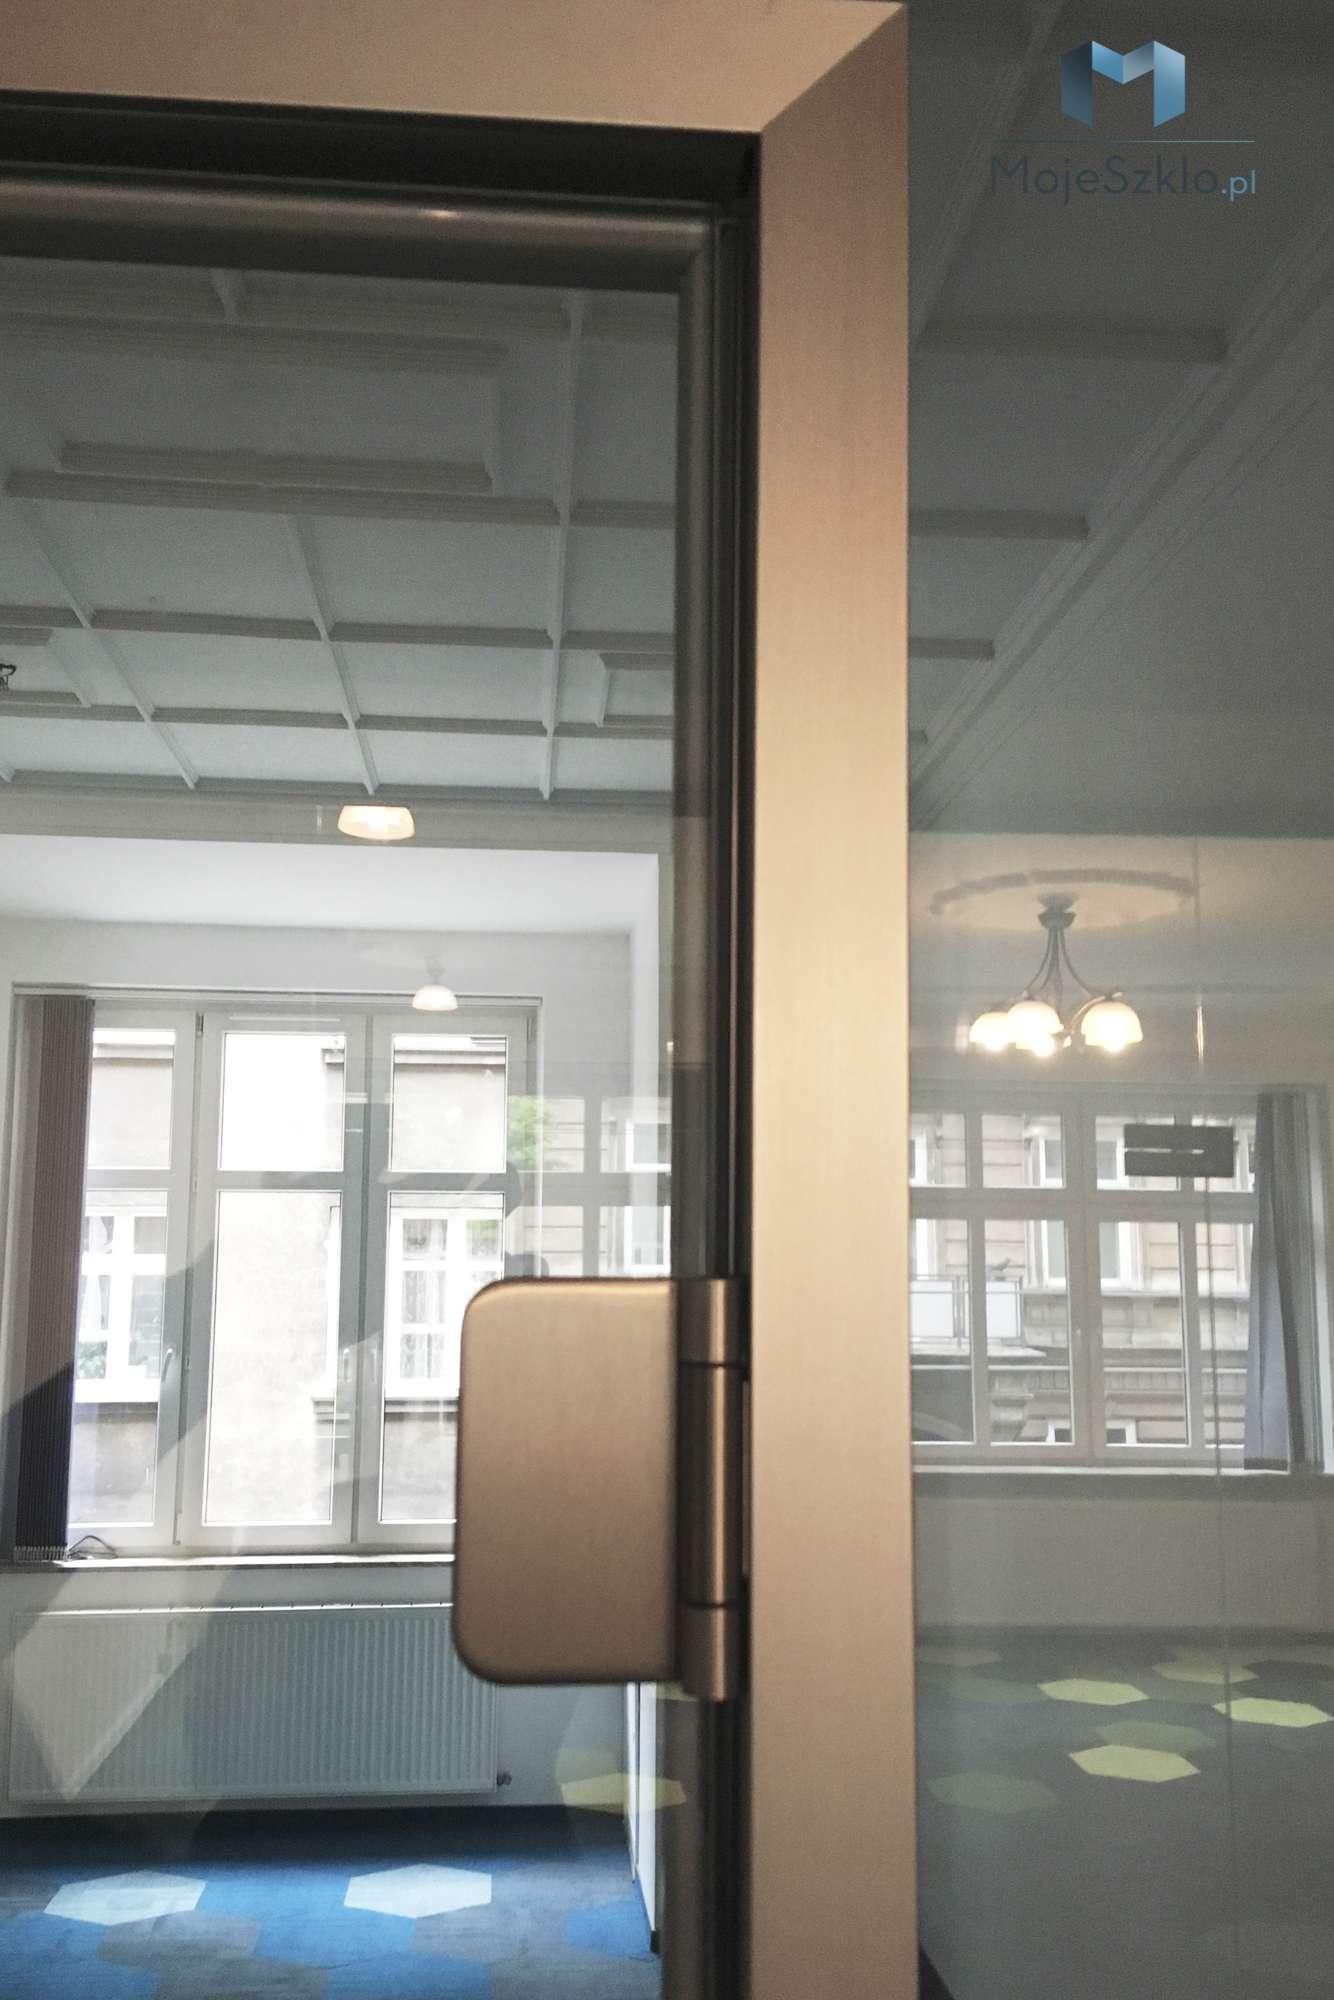 Drzwi Wewnetrzne Szklane Na Wymiar - Drzwi wewnętrzne szklane wahadłowe